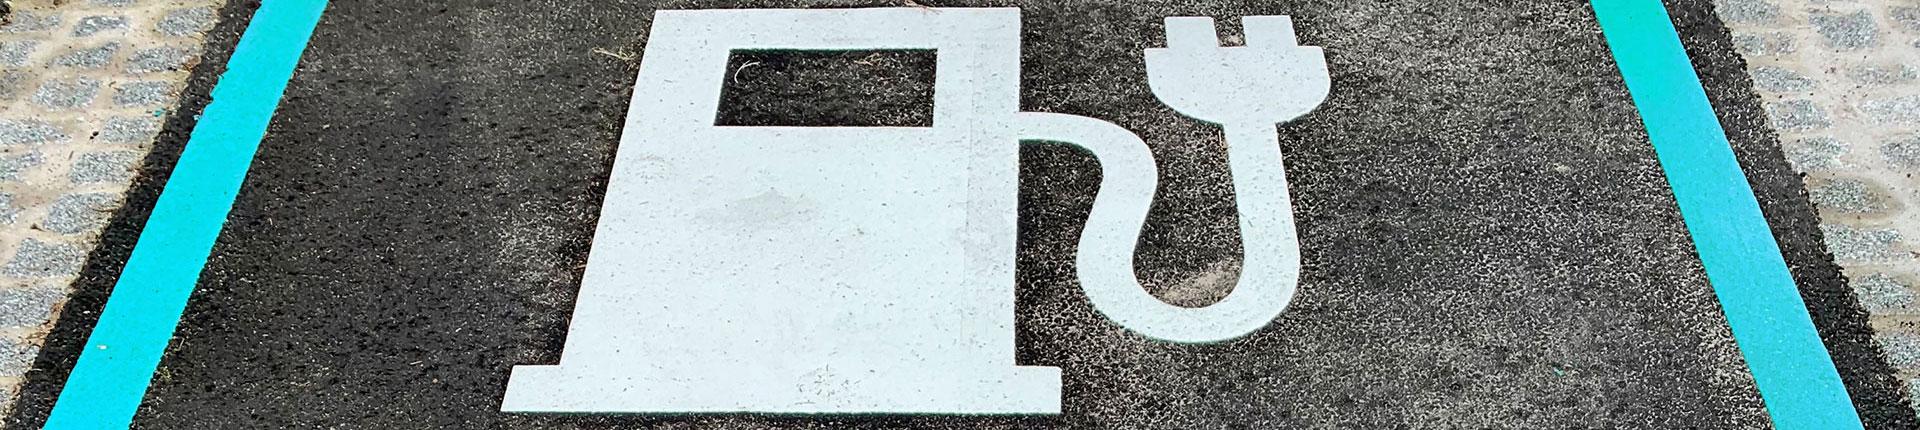 Autohaus-Max-Schultz-Mercedes-Neuigkeiten-News-E-Mobilität